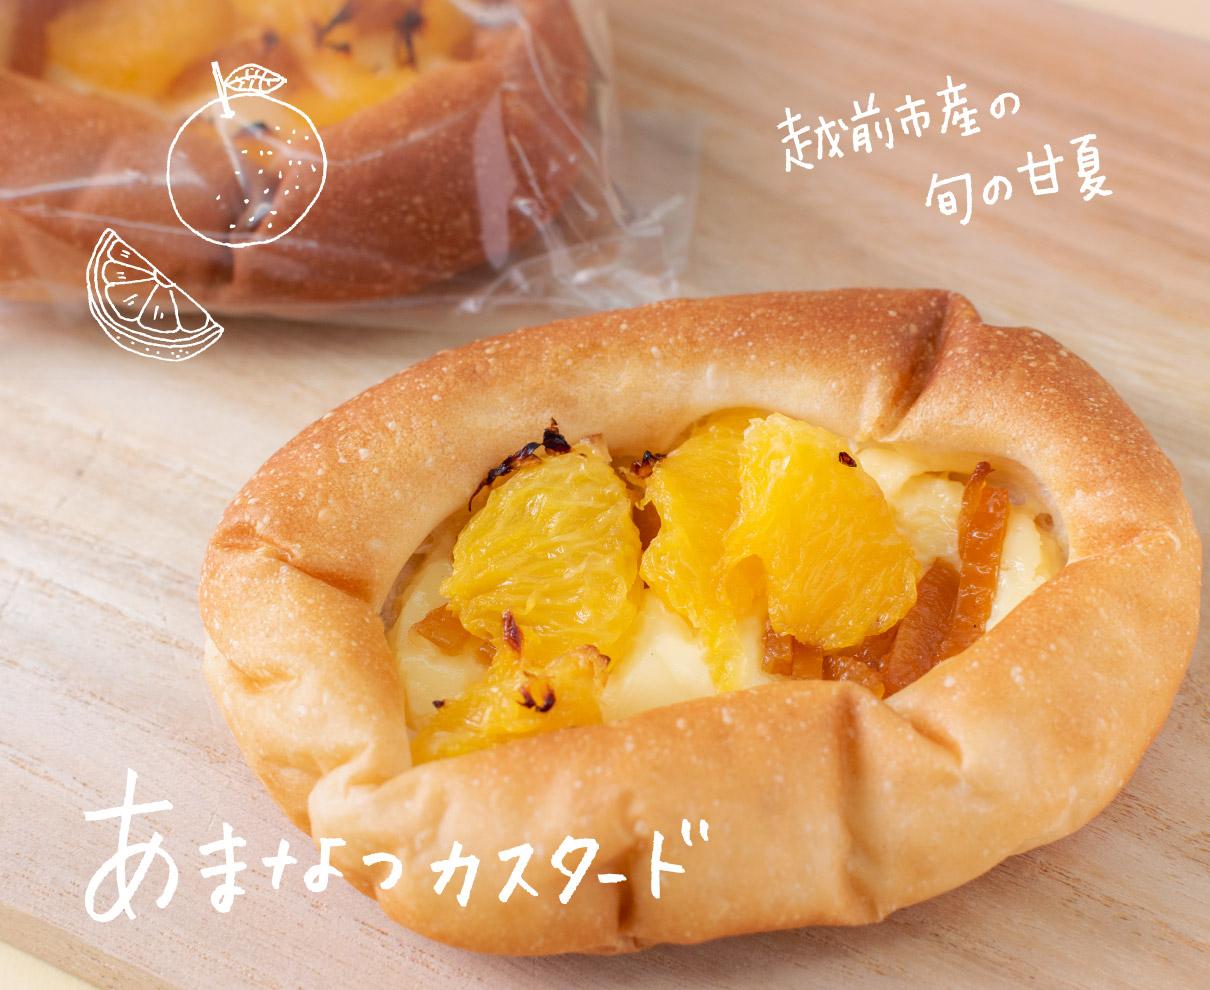 旬の甘夏を使った、期間限定の爽やか&もっちりパンはいかが?|ロハスかふぇ